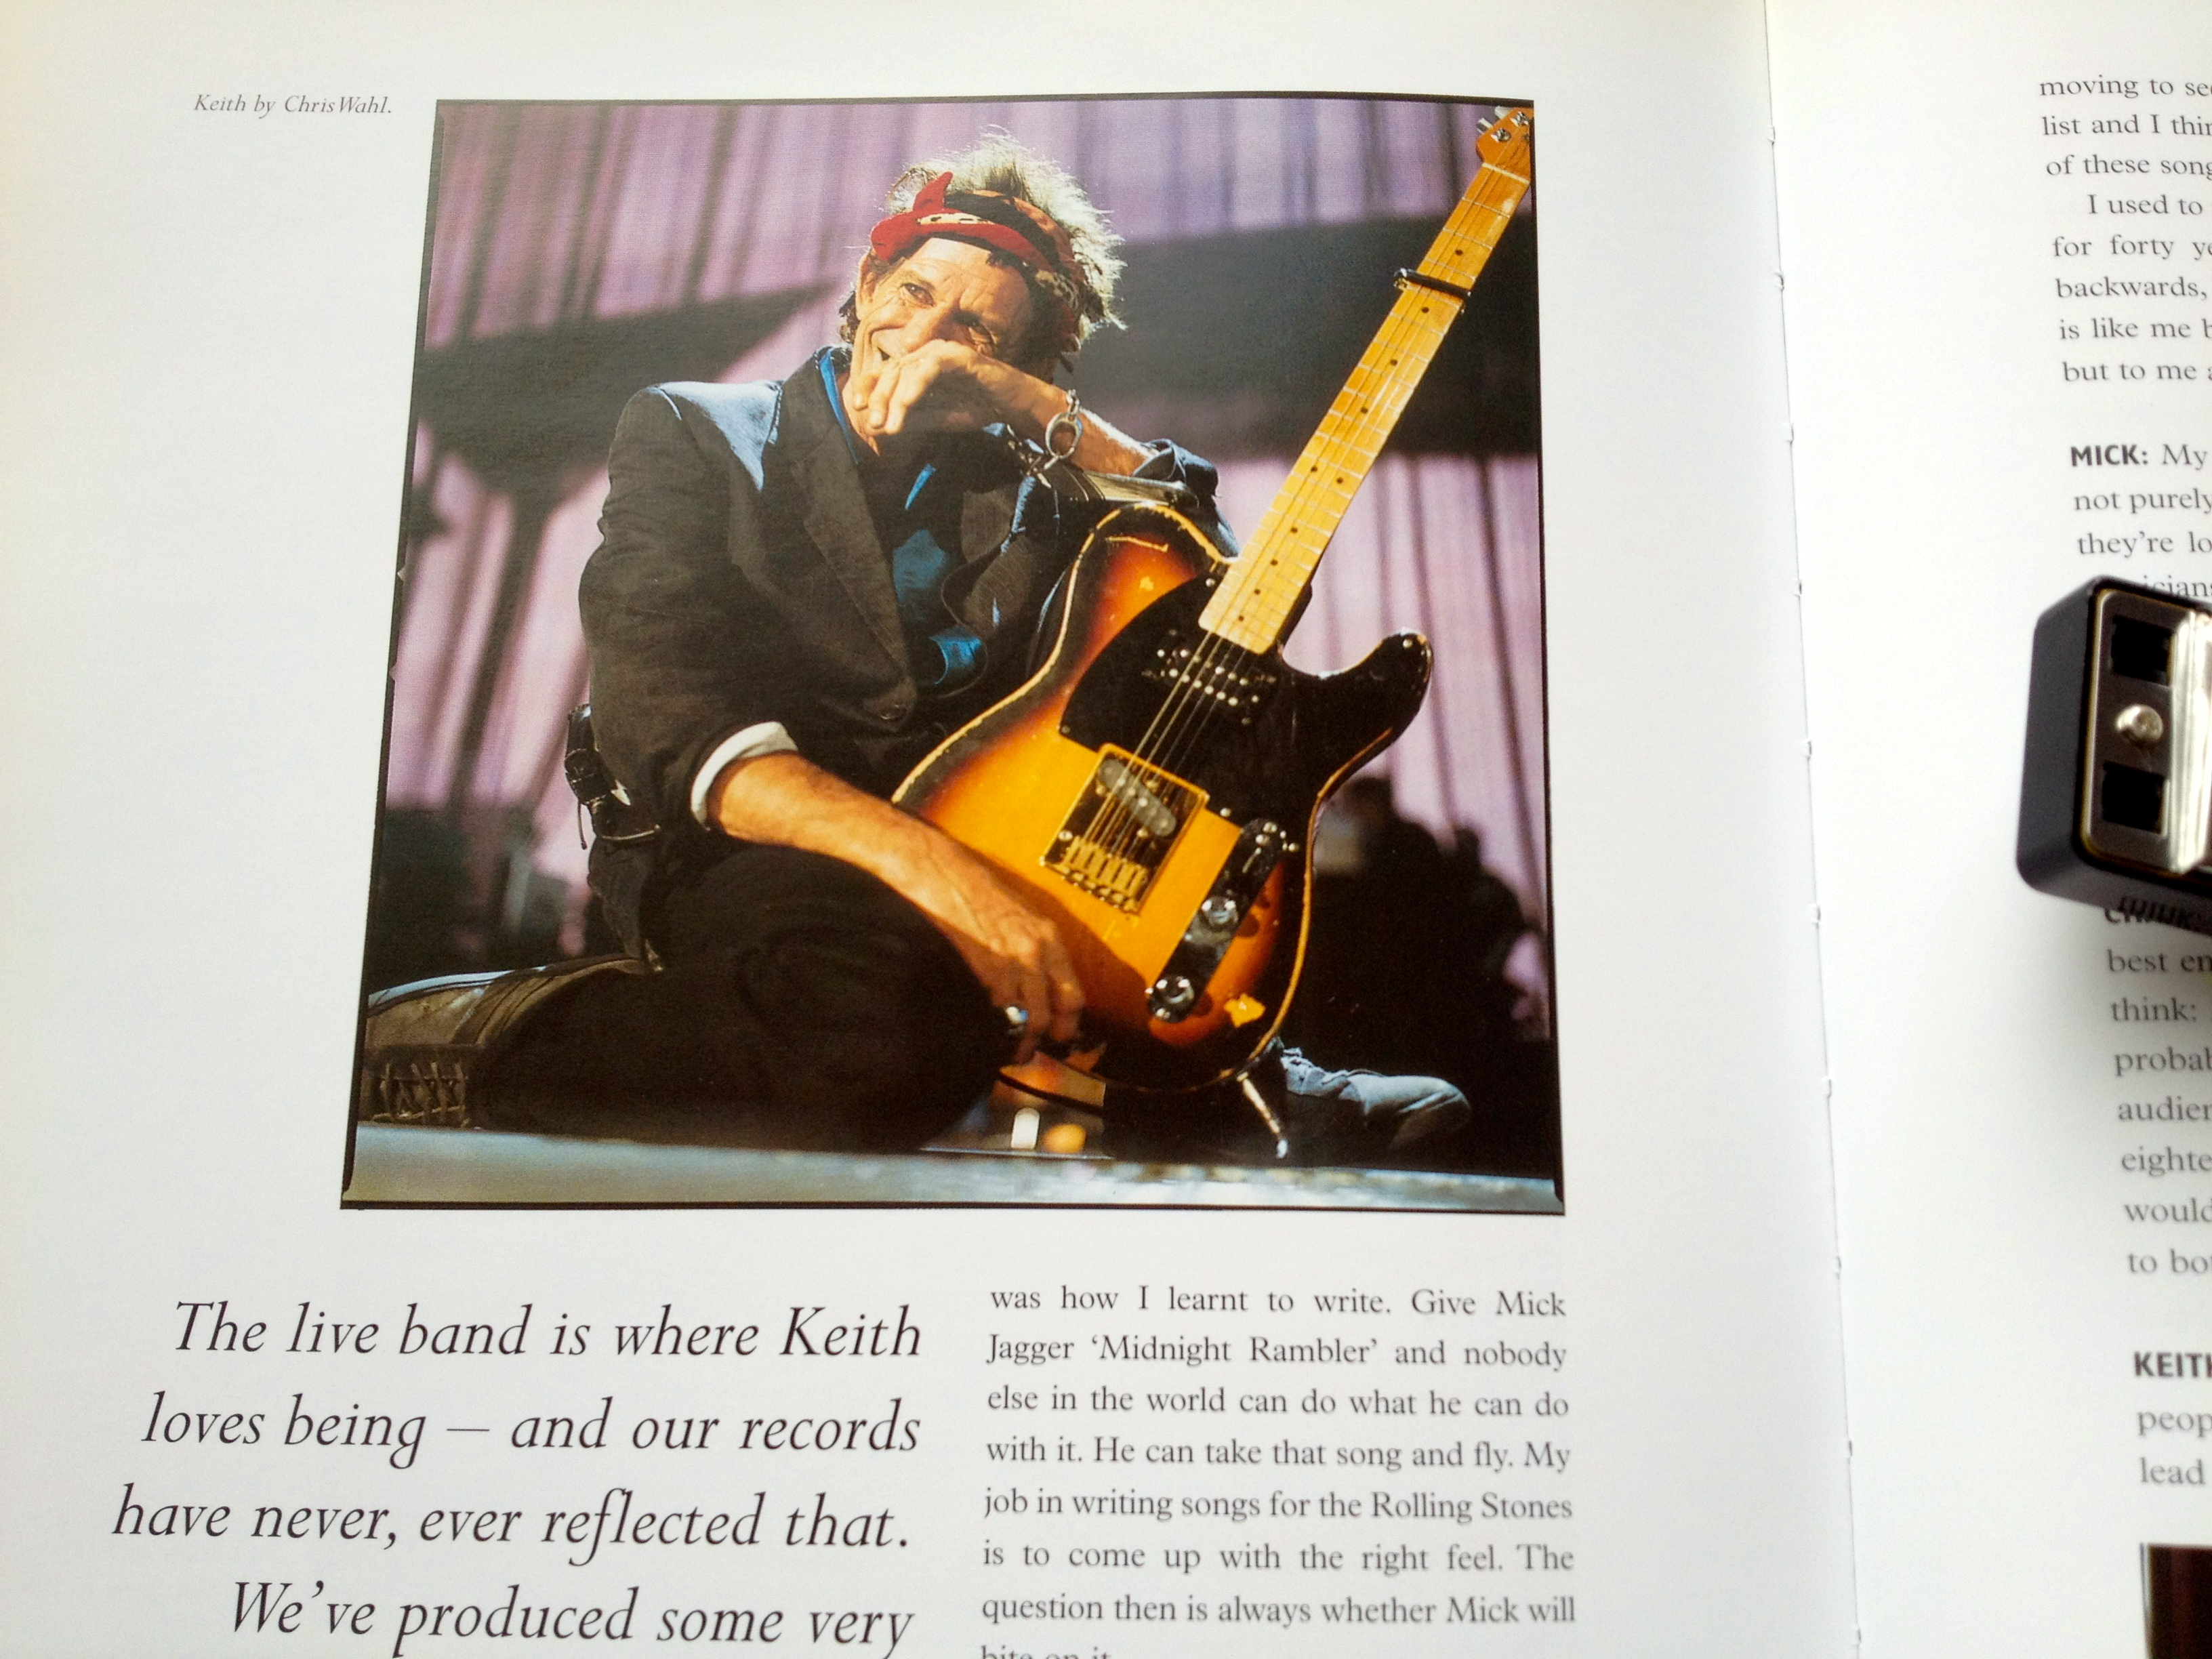 キースにギターを数秒ワンフレーズだけ弾いてもらえたとしたら、値千金だ